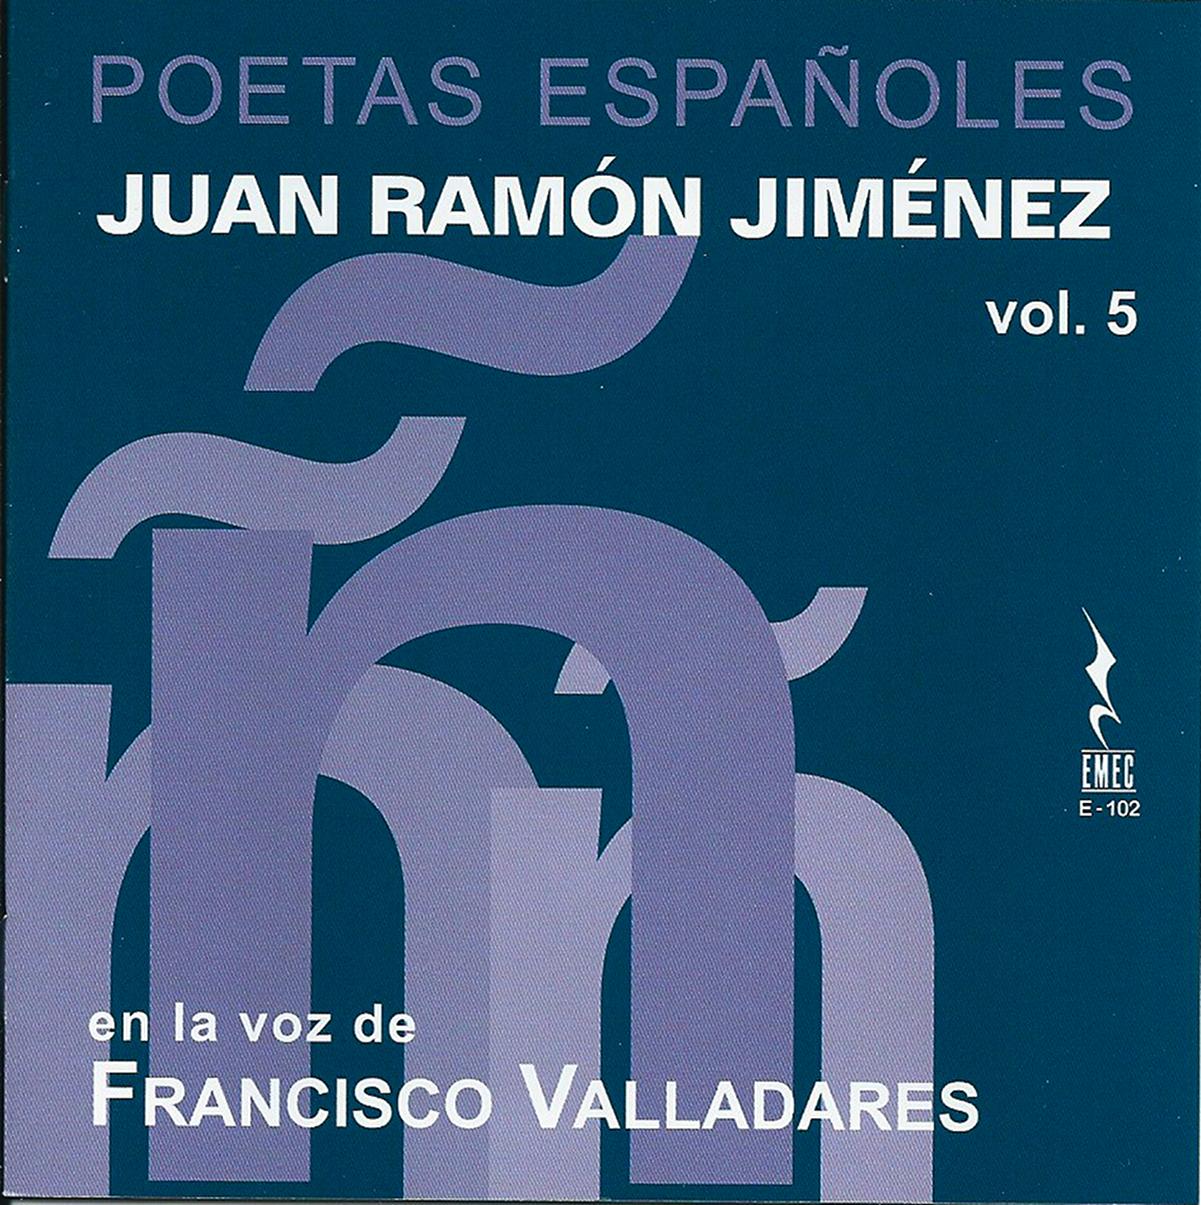 POETAS ESPAÑOLES VOL 5-JUAN RAMON JIMENEZ